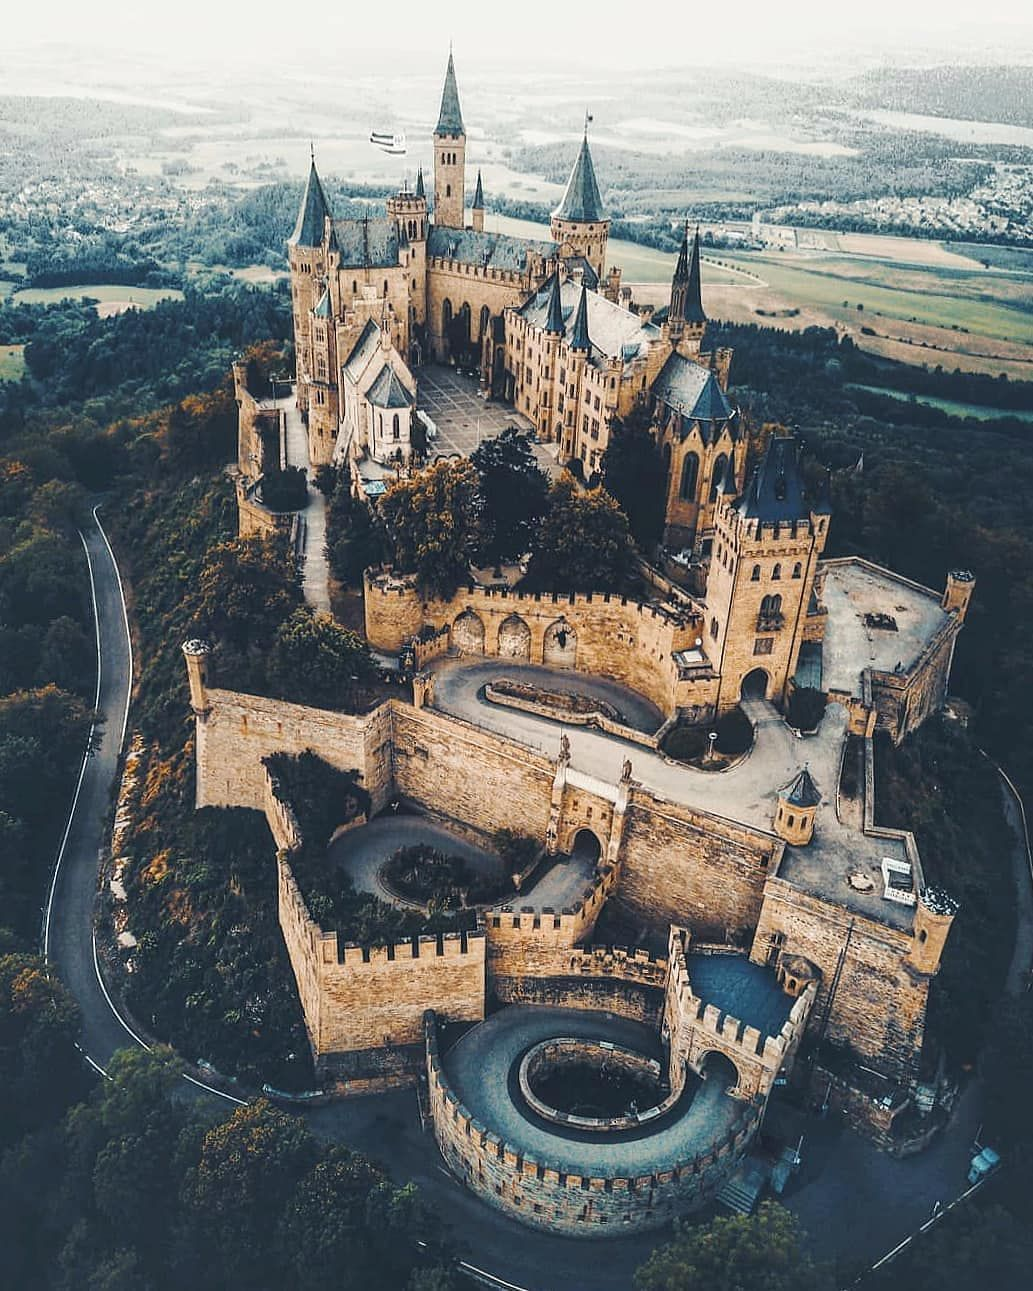 Castles In The World On Instagram Burg Hohenzollern Germany Repost Marcelsiebert Burg Schloss In 2020 Hohenzollern Castle Germany Castles Modern Castle